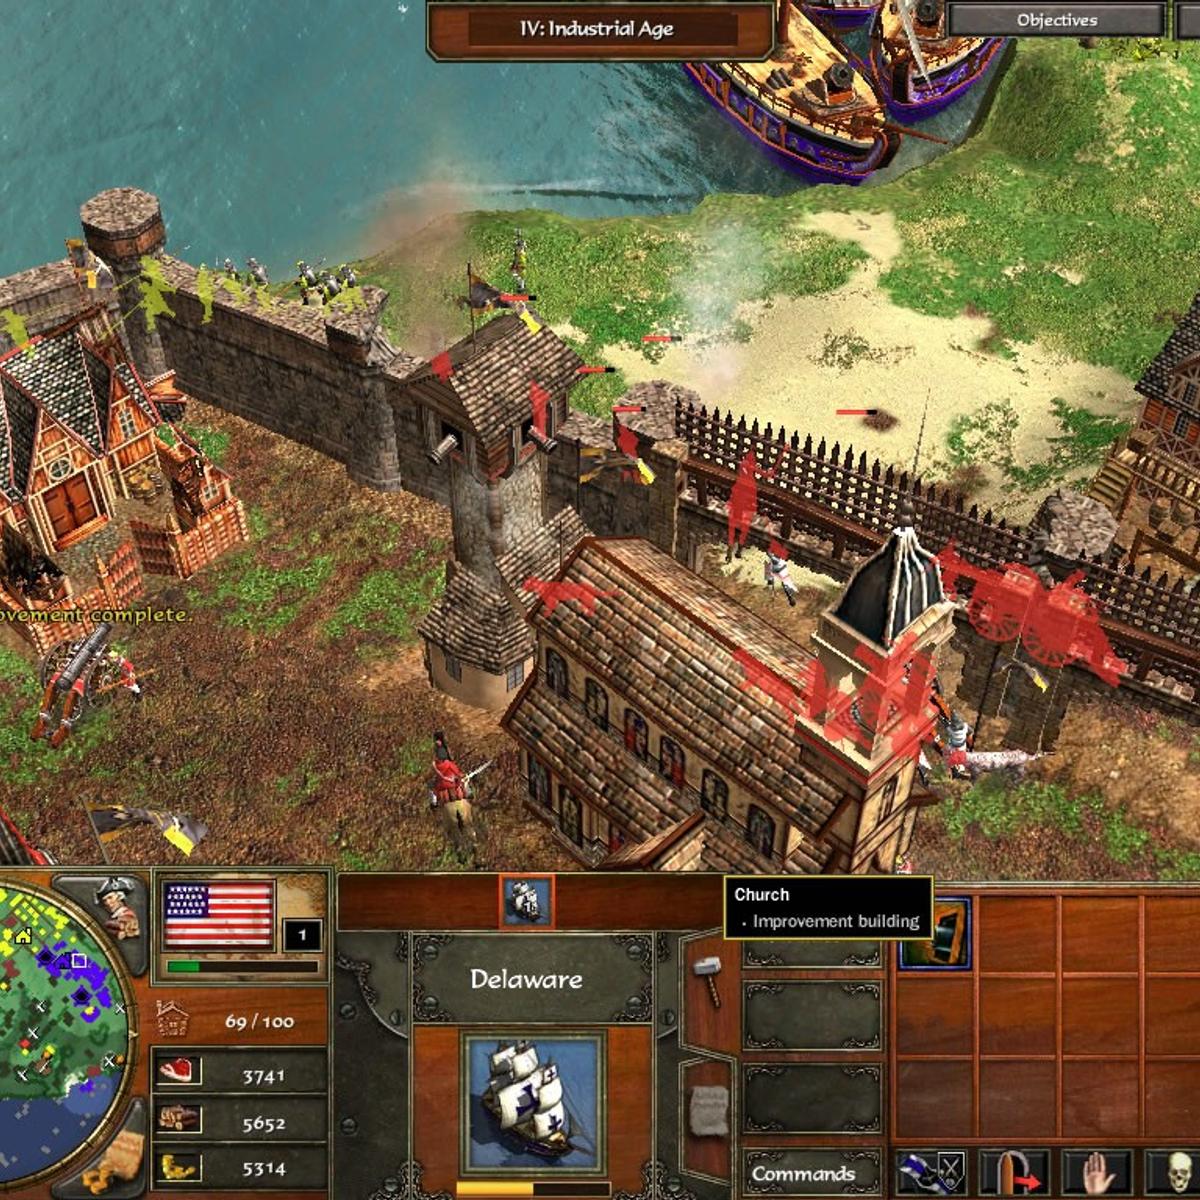 37 Games like Age of Empires - AlternativeTo net